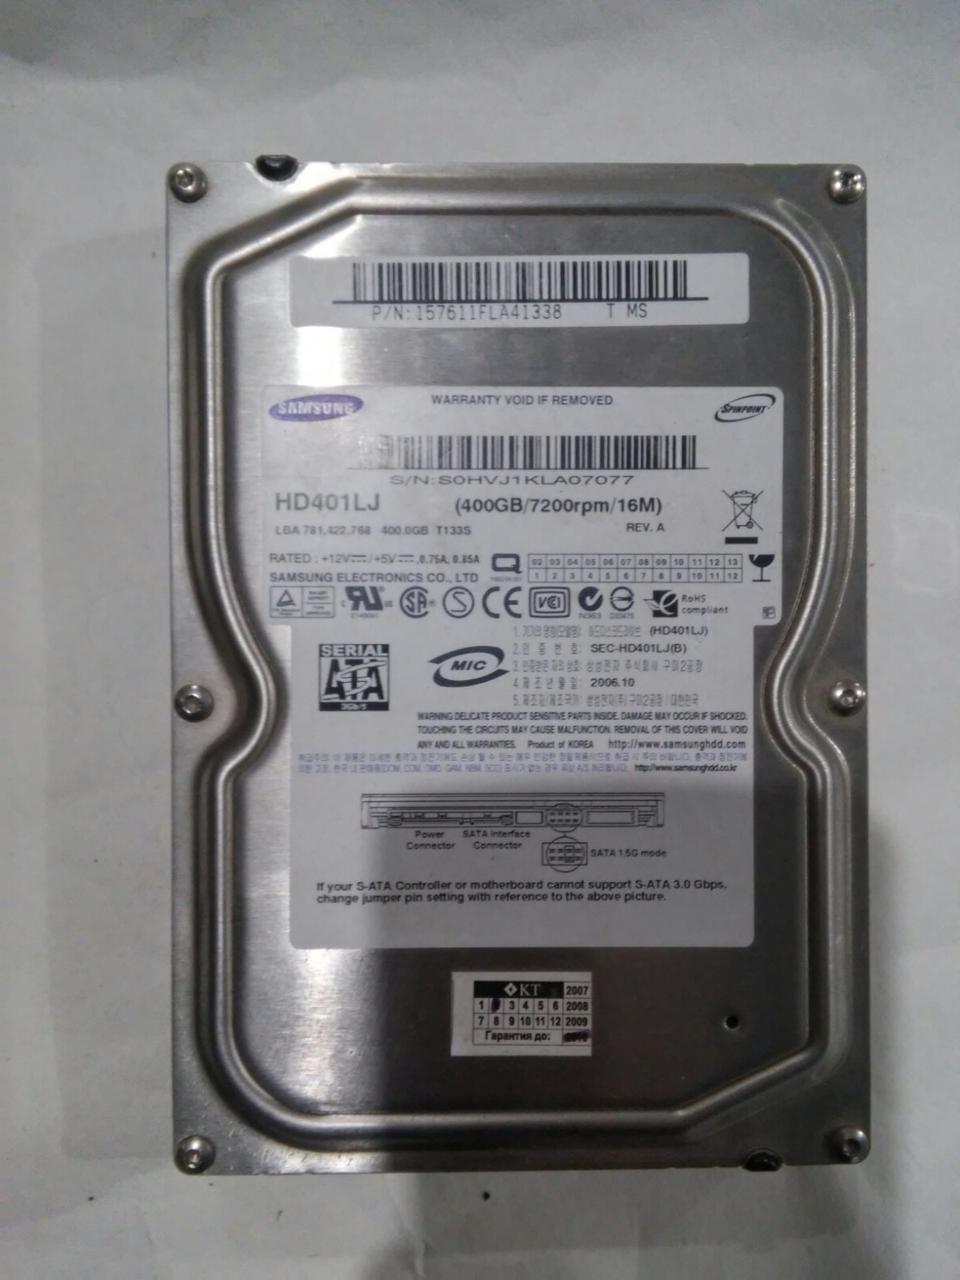 Жесткий диск Samsung 400GB 7200rpm 16MB (HD401LJ) SATA-II